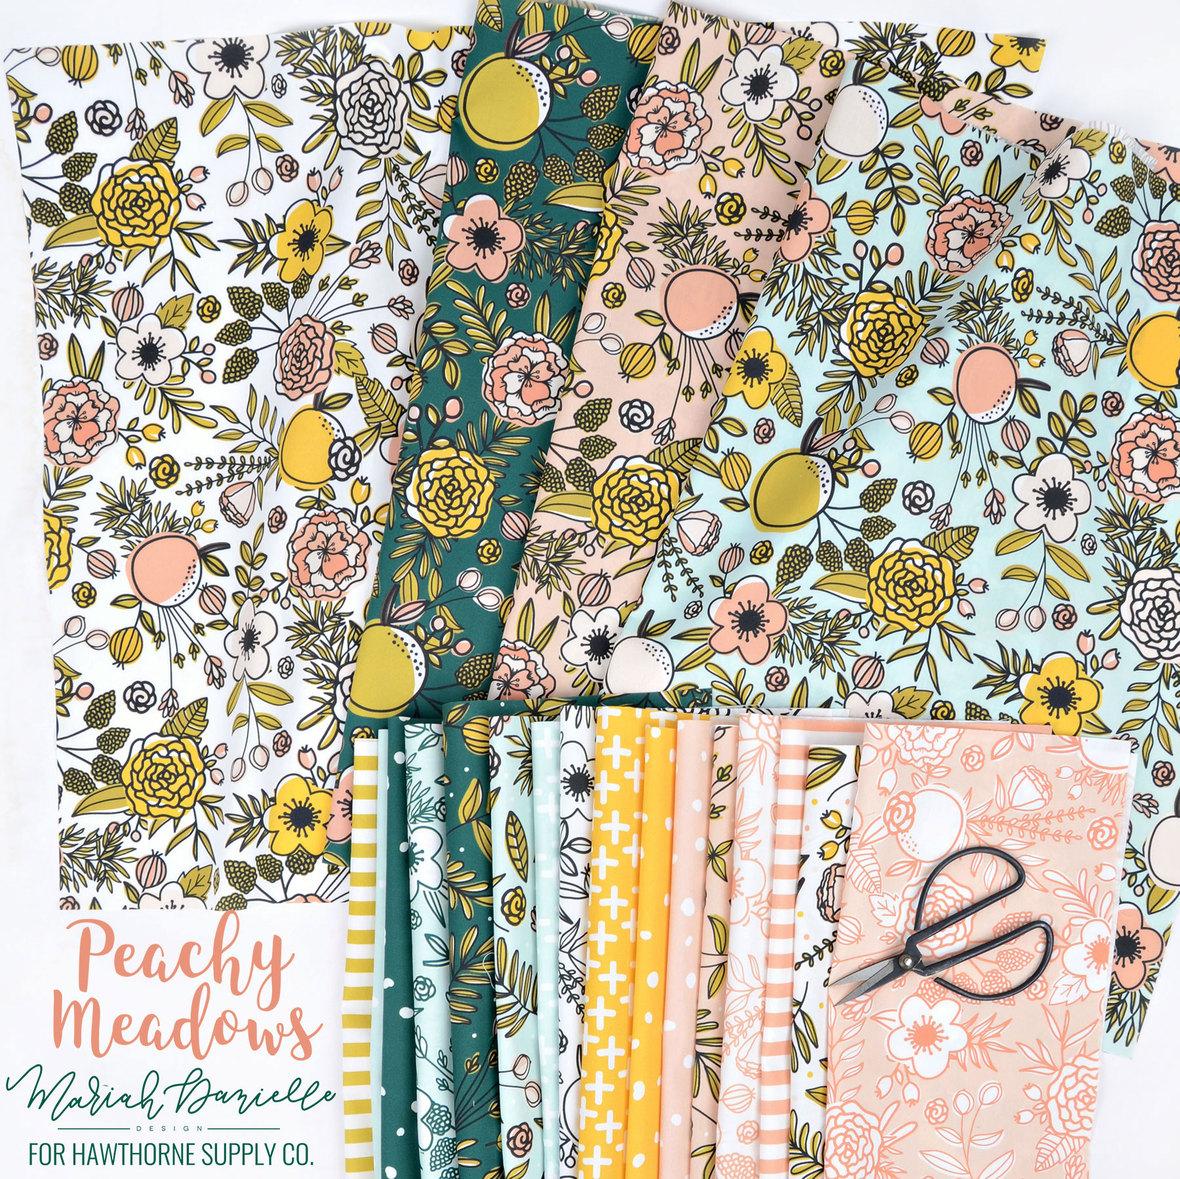 Peachy-Meadows-Fabric-Maria-Danielle-Design-for-Hawthorne-Supply-Co